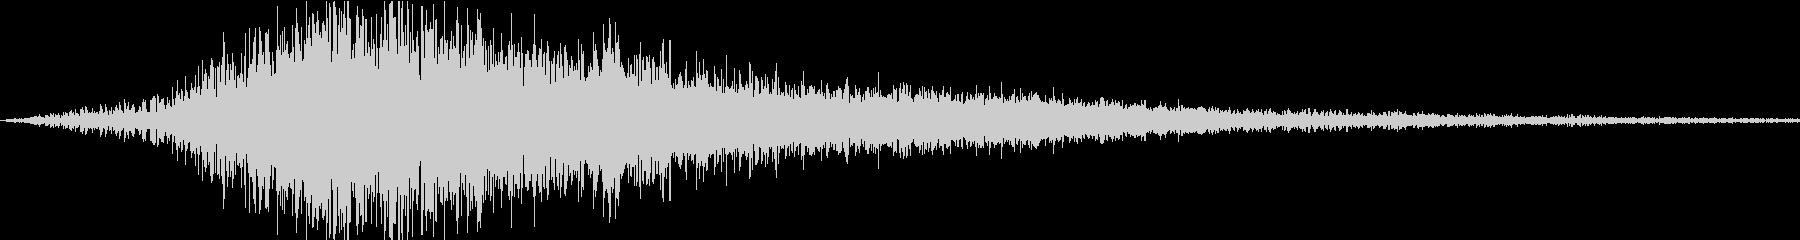 ロゴや転換のトランジション1-シュワーンの未再生の波形